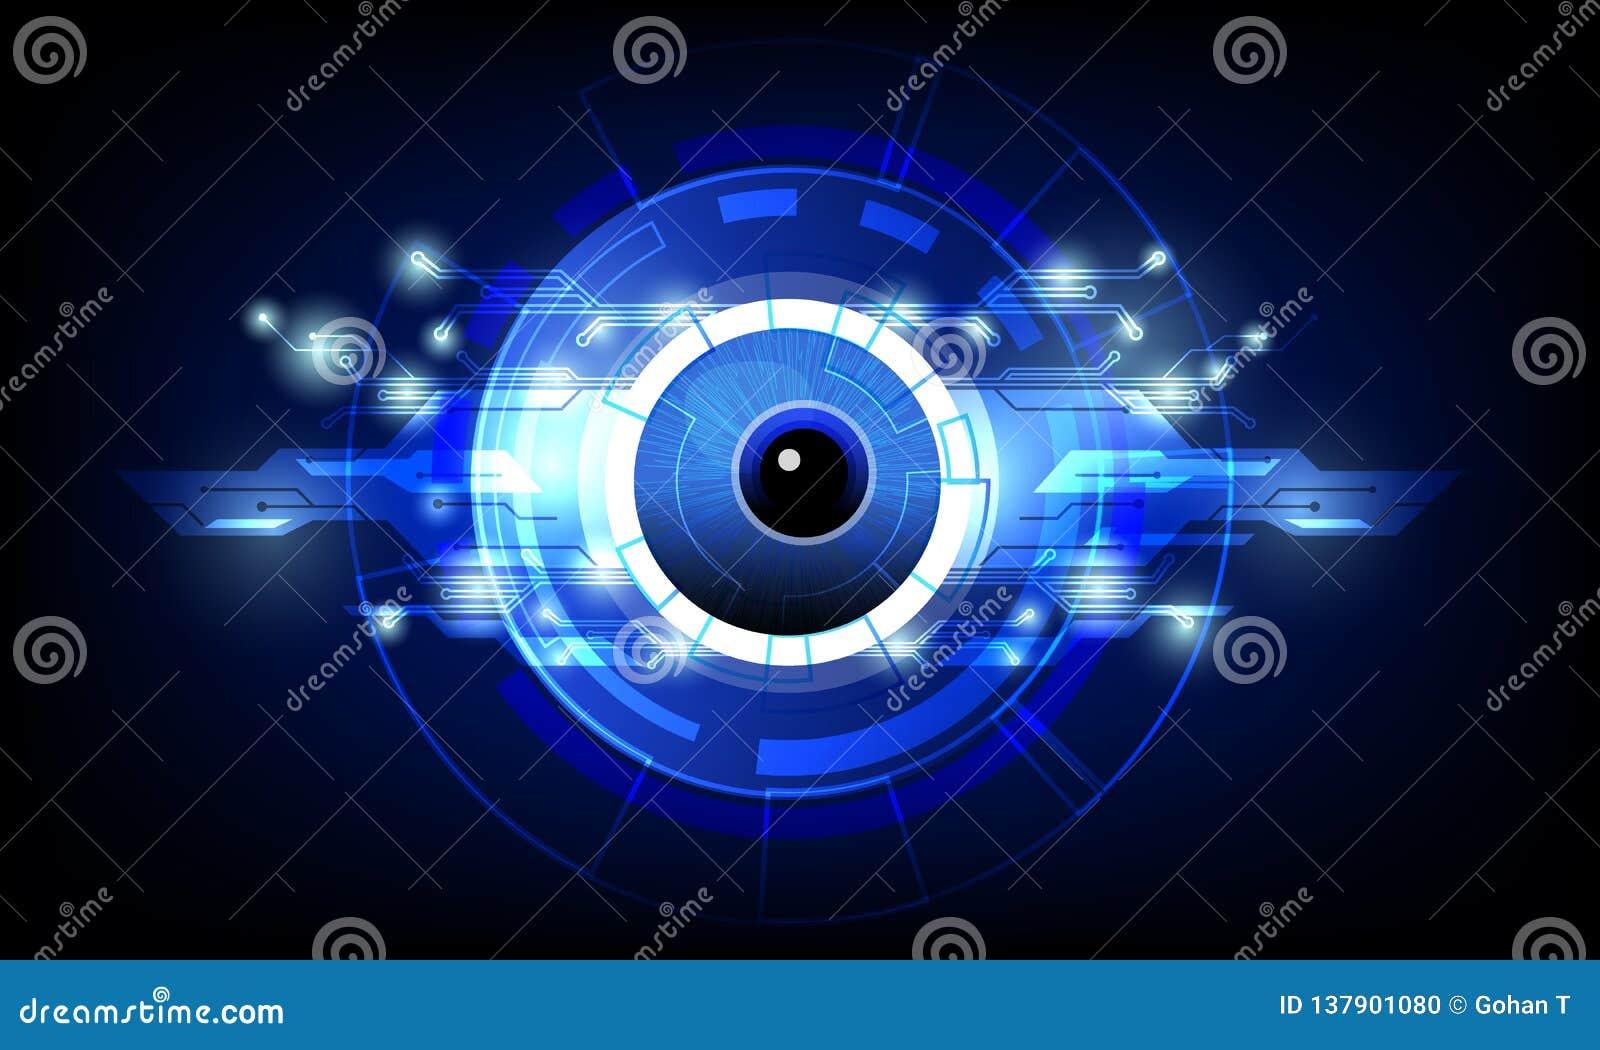 Primer del ojo con el fondo de alta tecnología azul marino de la tecnología del circuito de la conexión del concepto del ejemplo